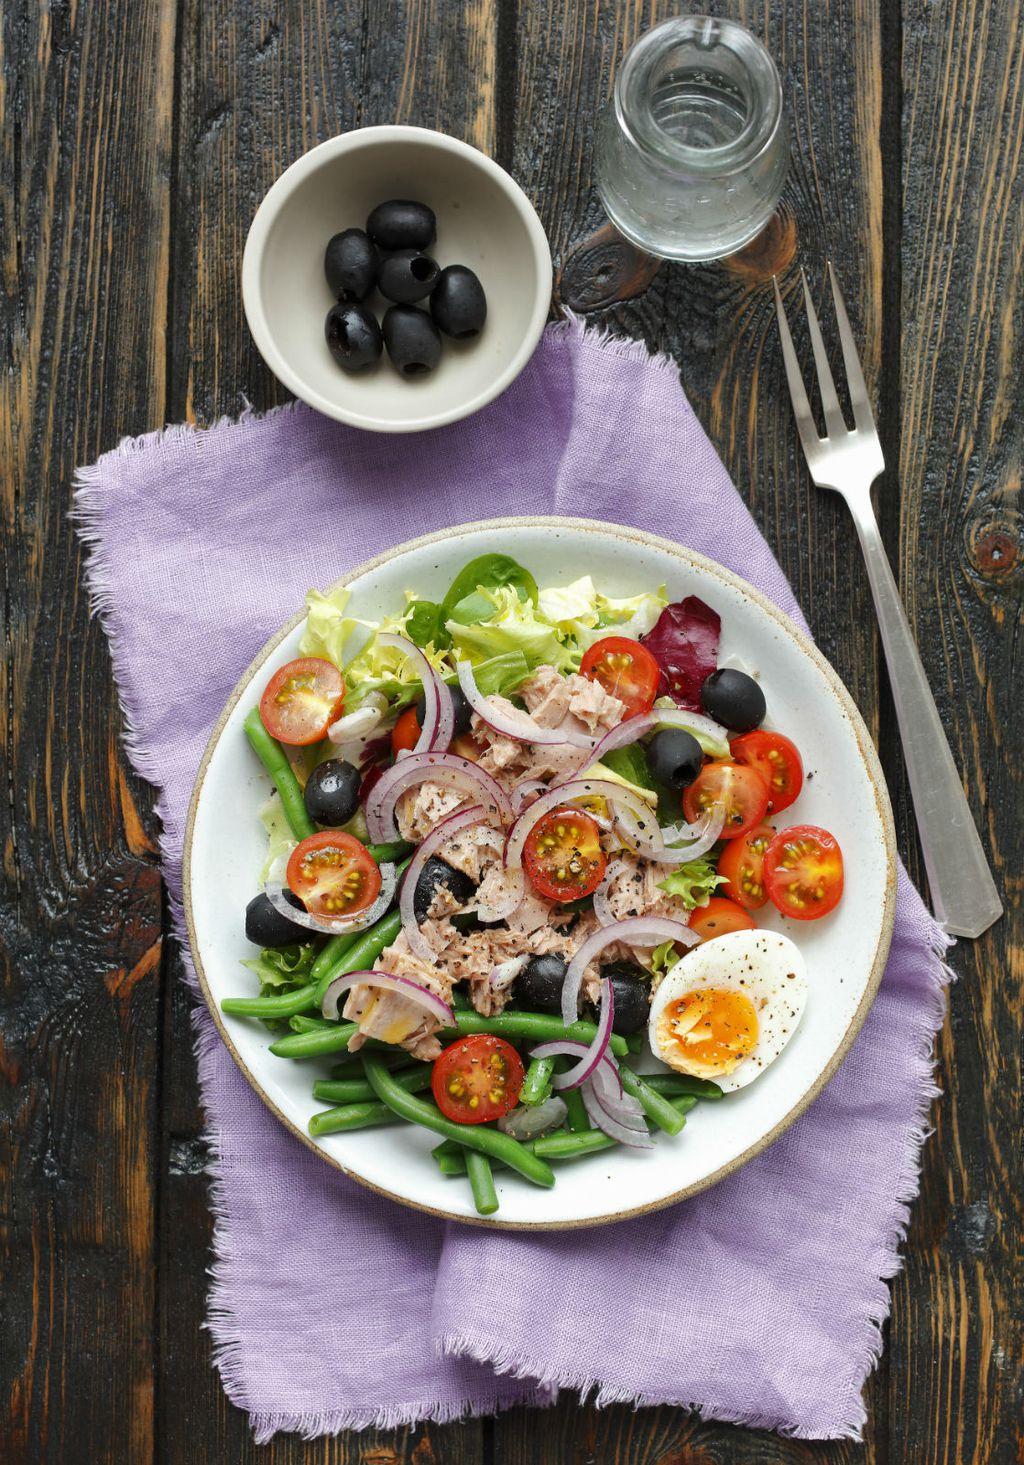 Umjerena konzumacija bjelančevina poput tune i jaja smanjuju rizik od dobivanja dijabetesa tipa 2